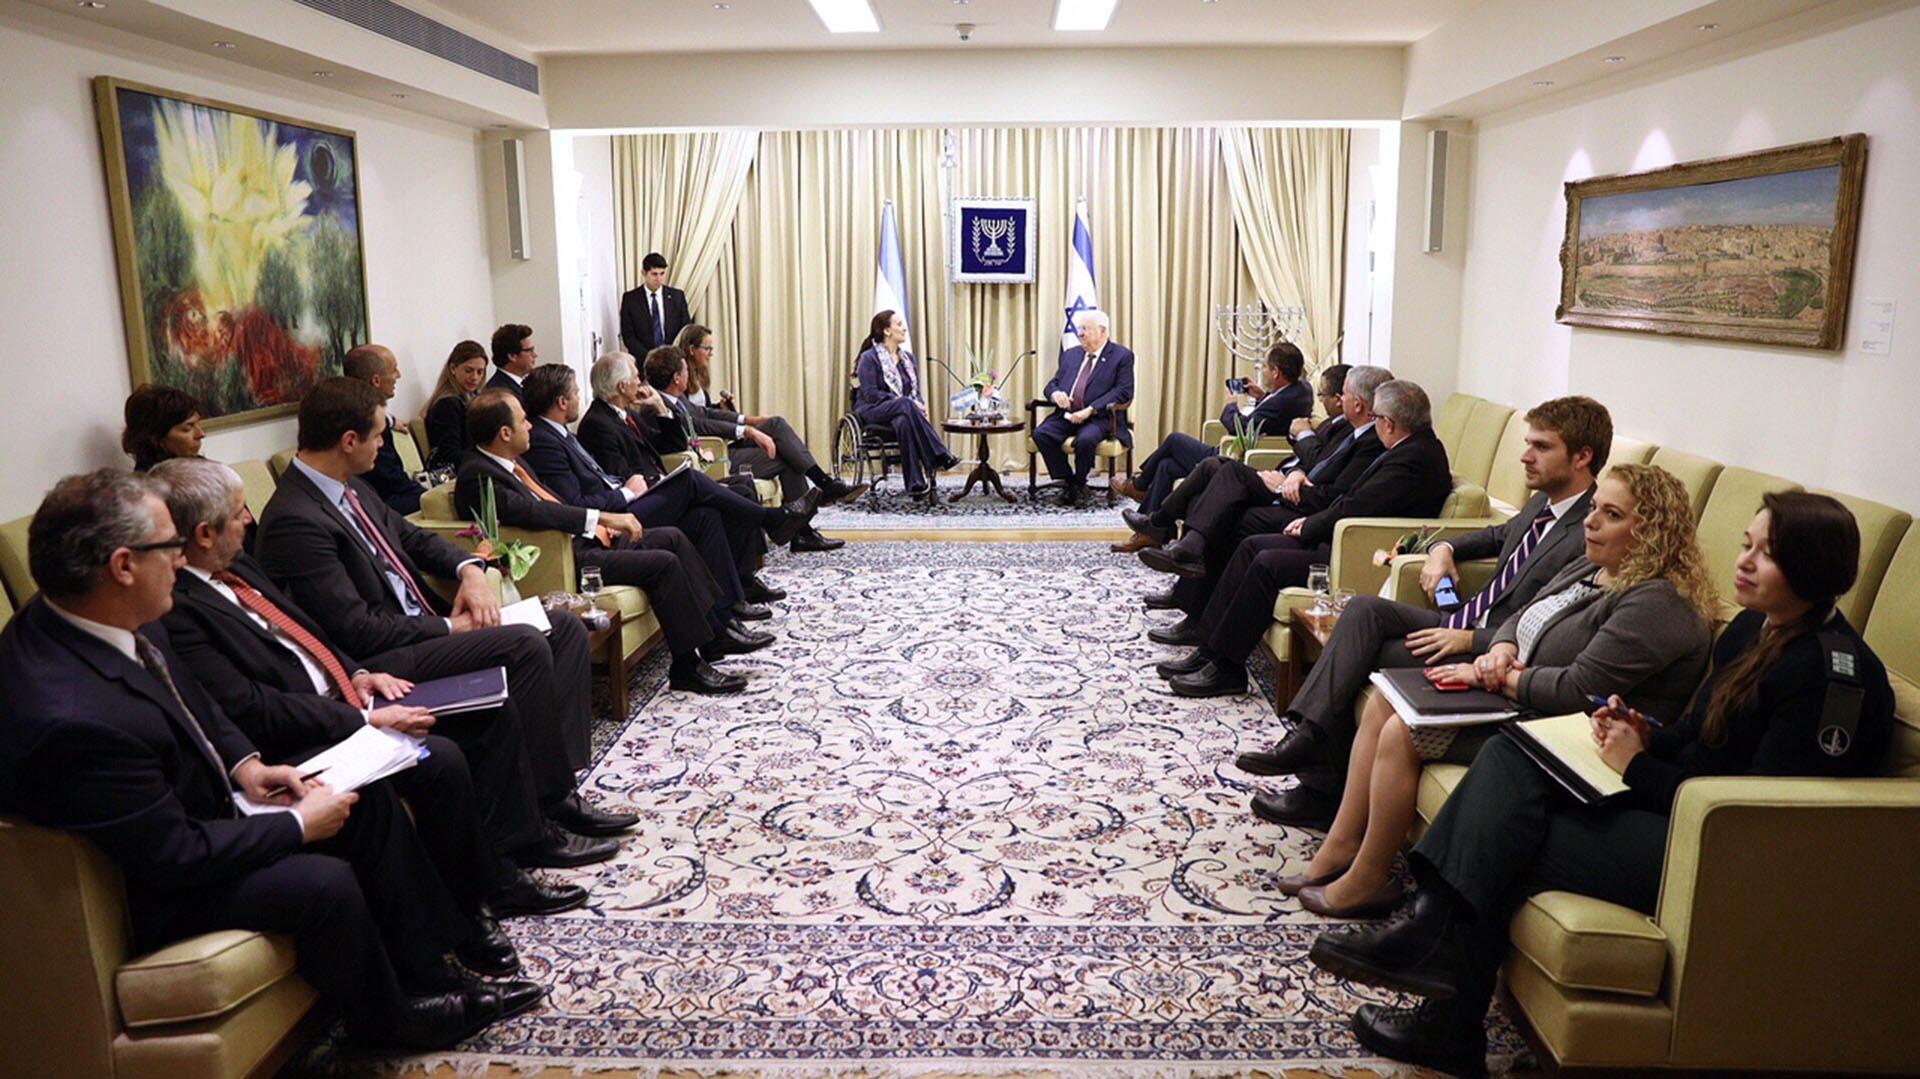 Audiencia con el presidente de Israel, Reuven Rivlin